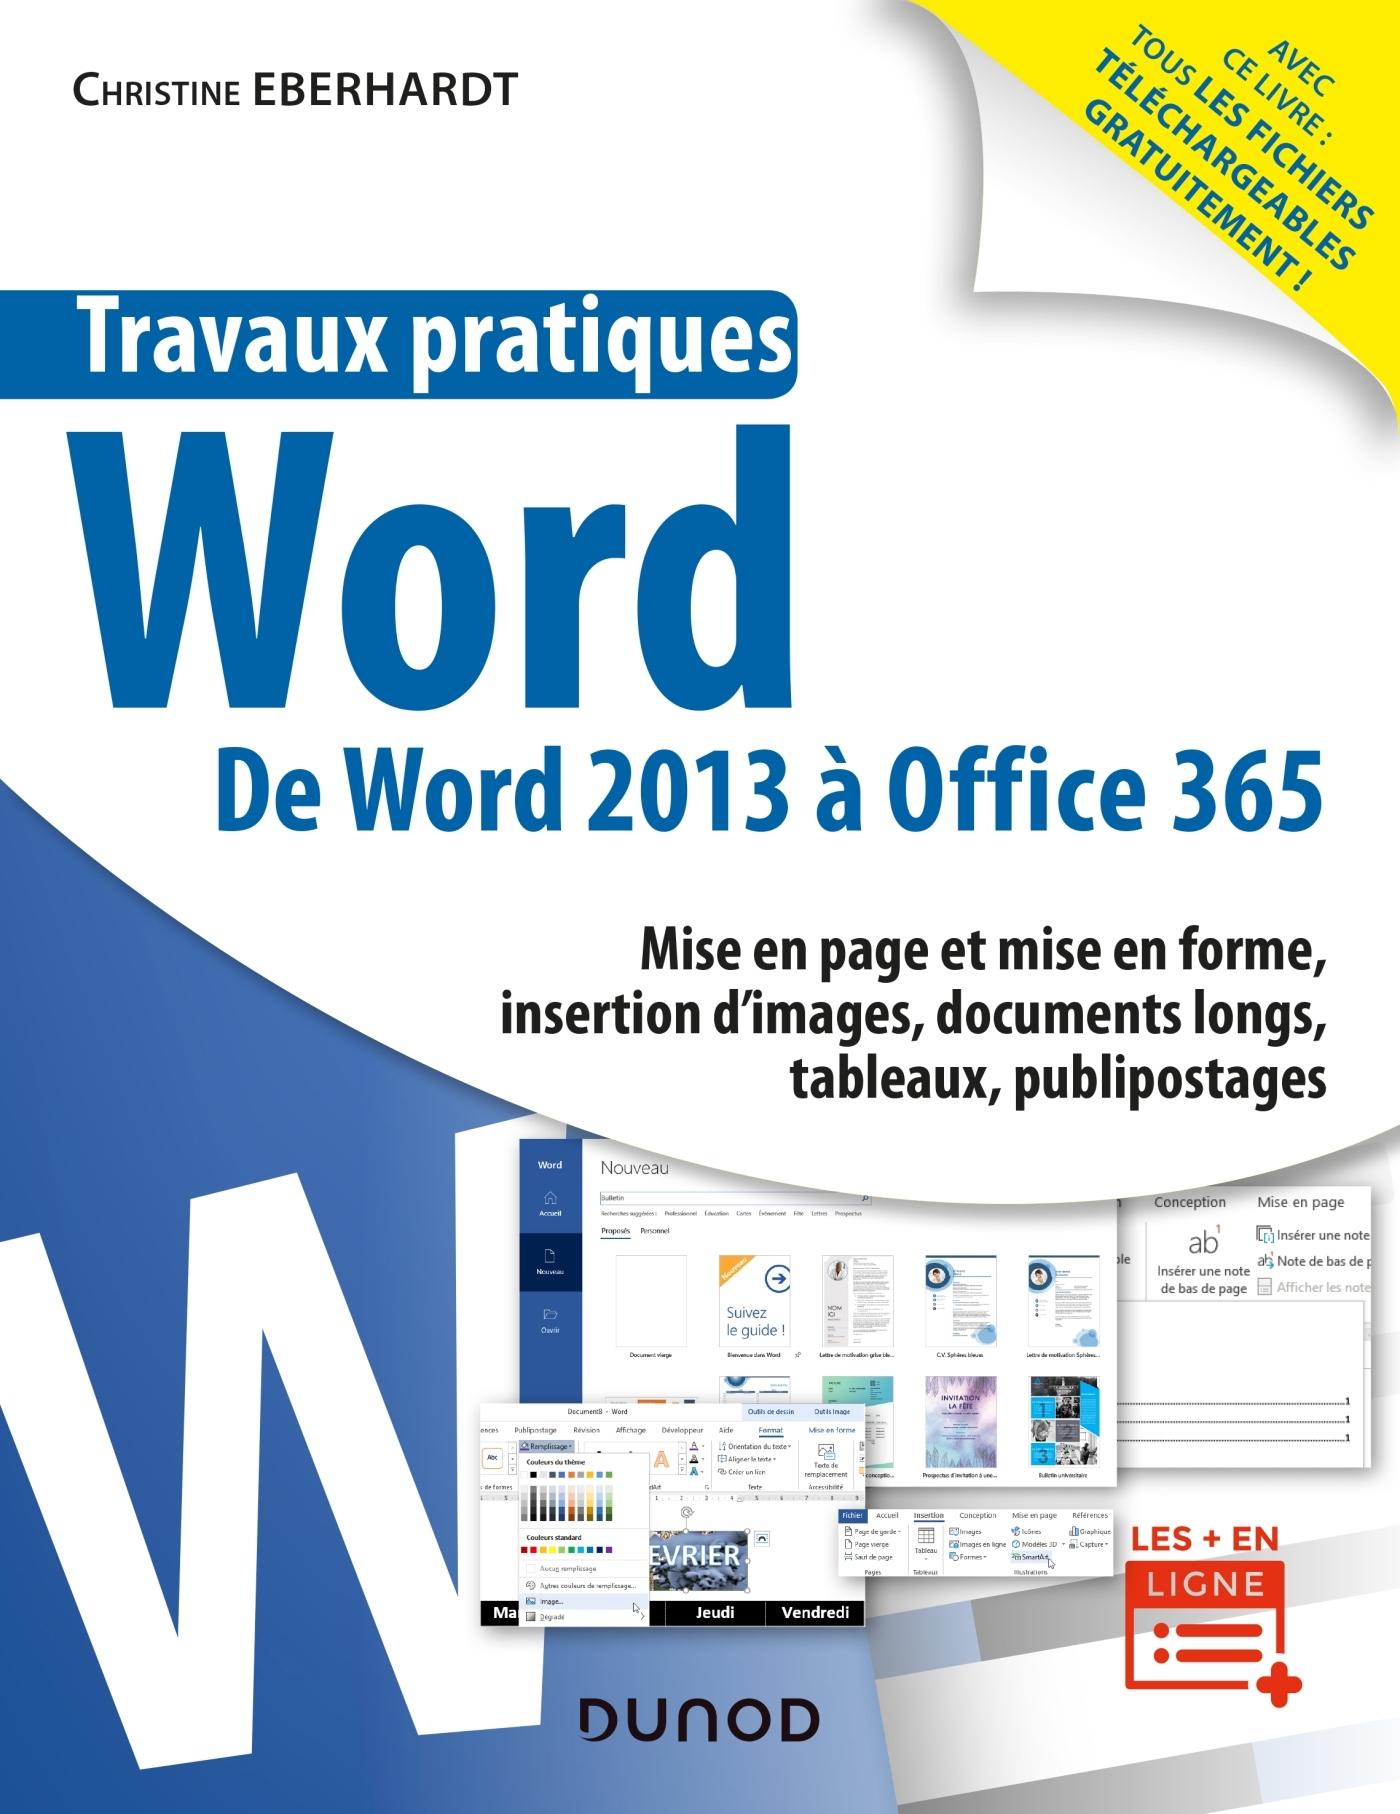 TRAVAUX PRATIQUES - WORD - TOUTES VERSIONS 2013 A 2019 ET OFFICE 365